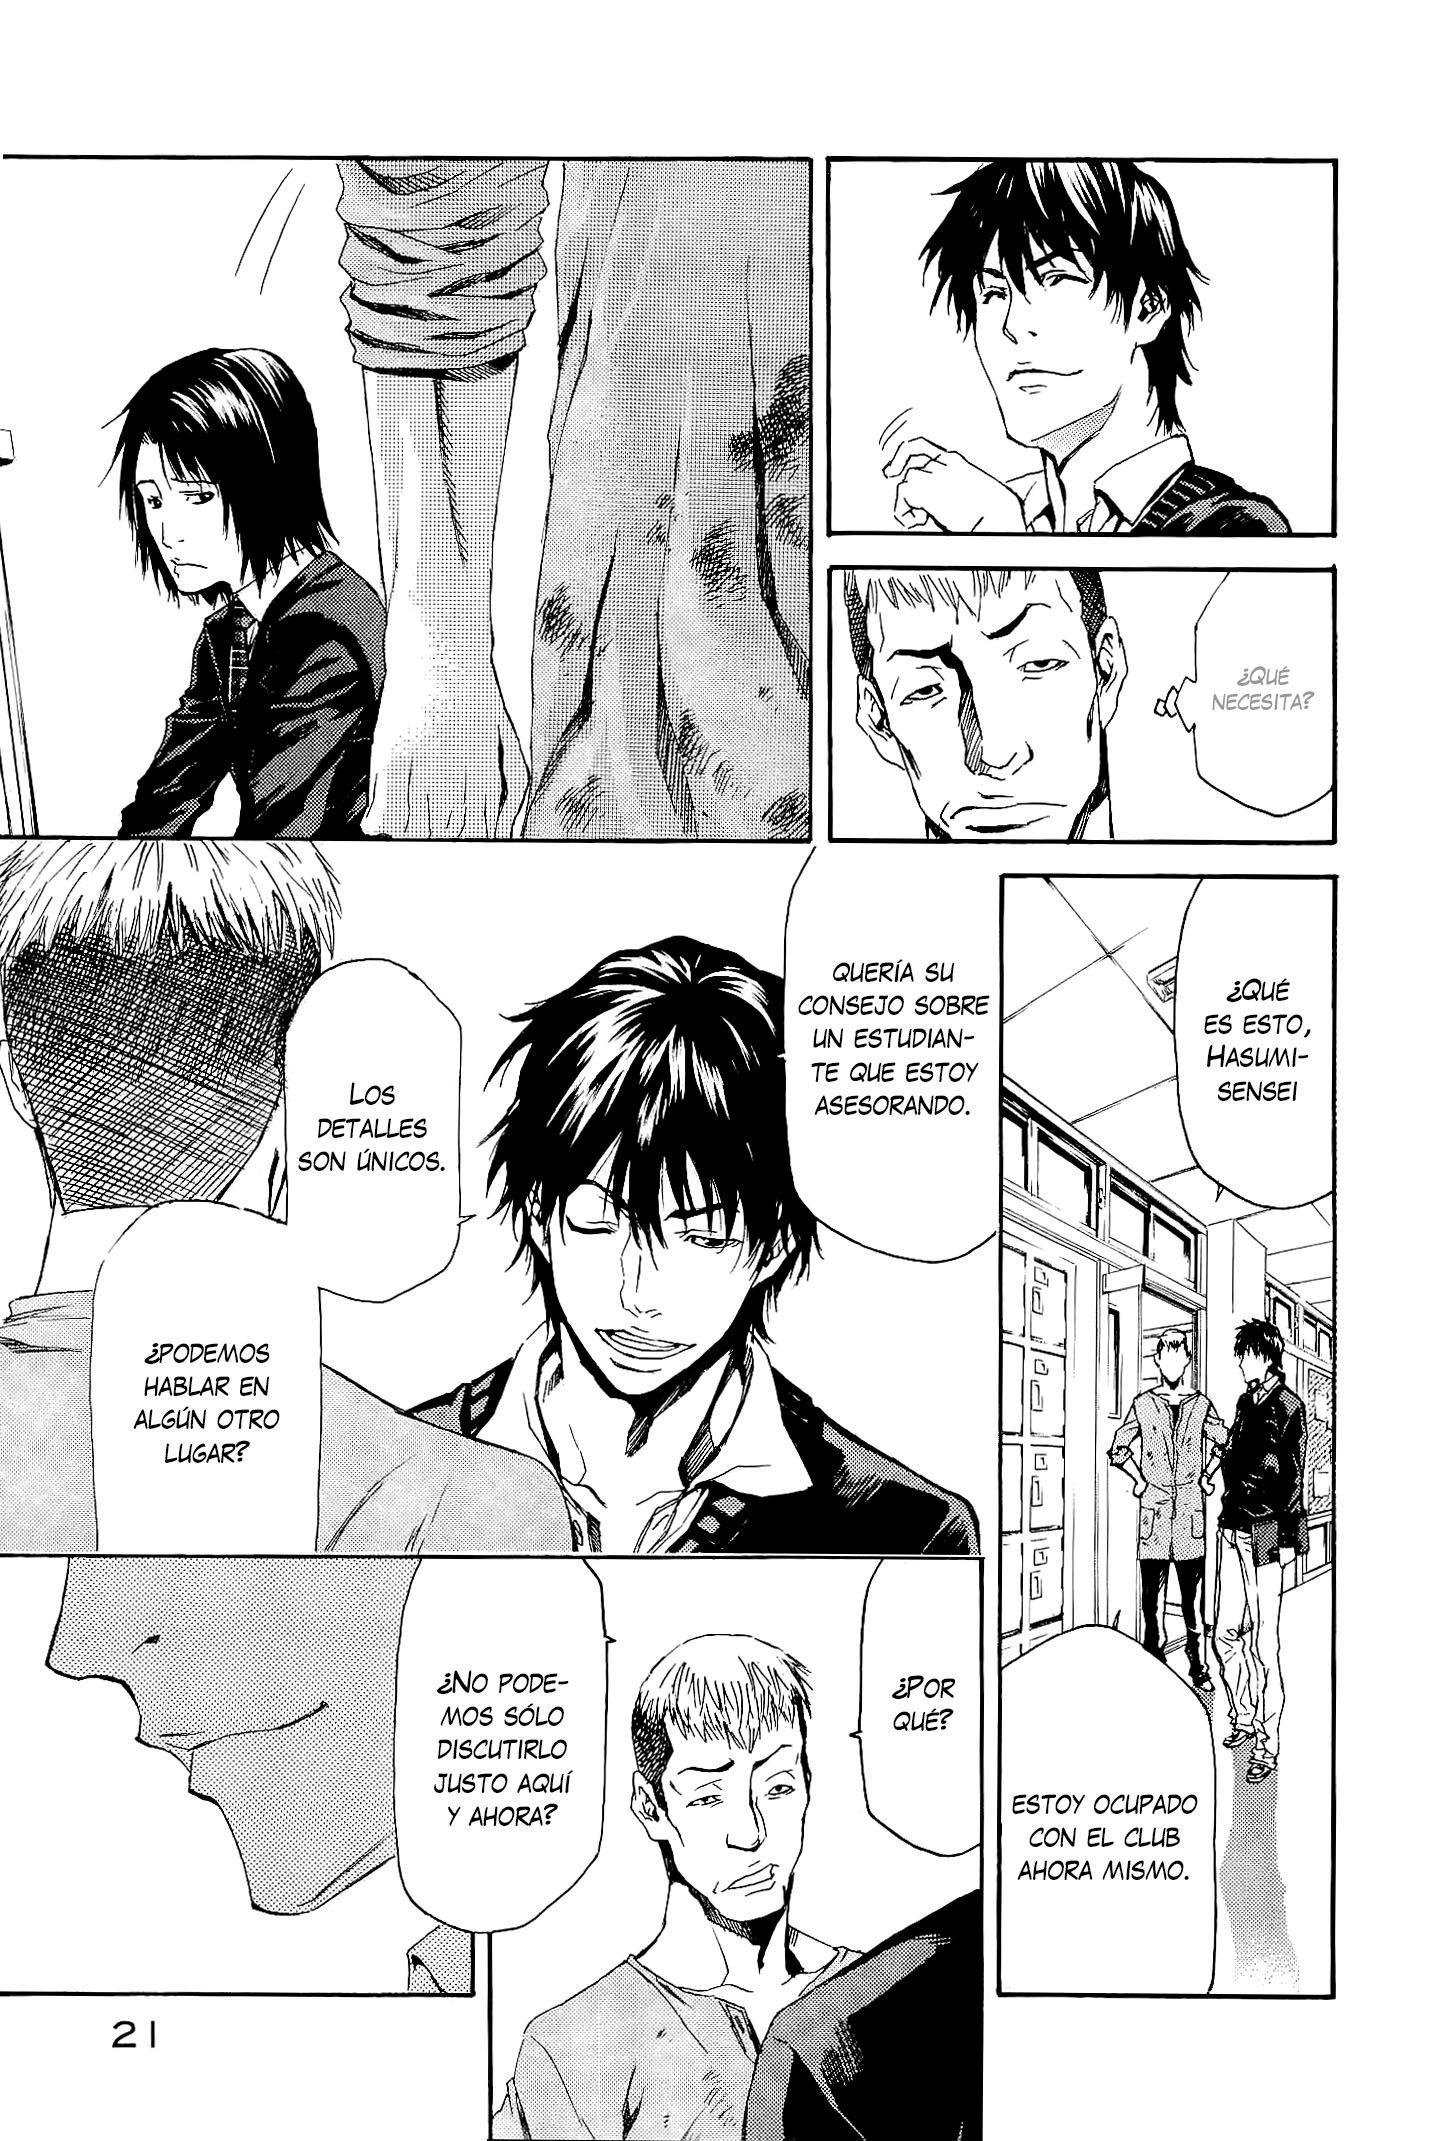 http://c5.ninemanga.com/es_manga/3/19523/468638/845236f968590a1f48768112acc1eda7.jpg Page 24